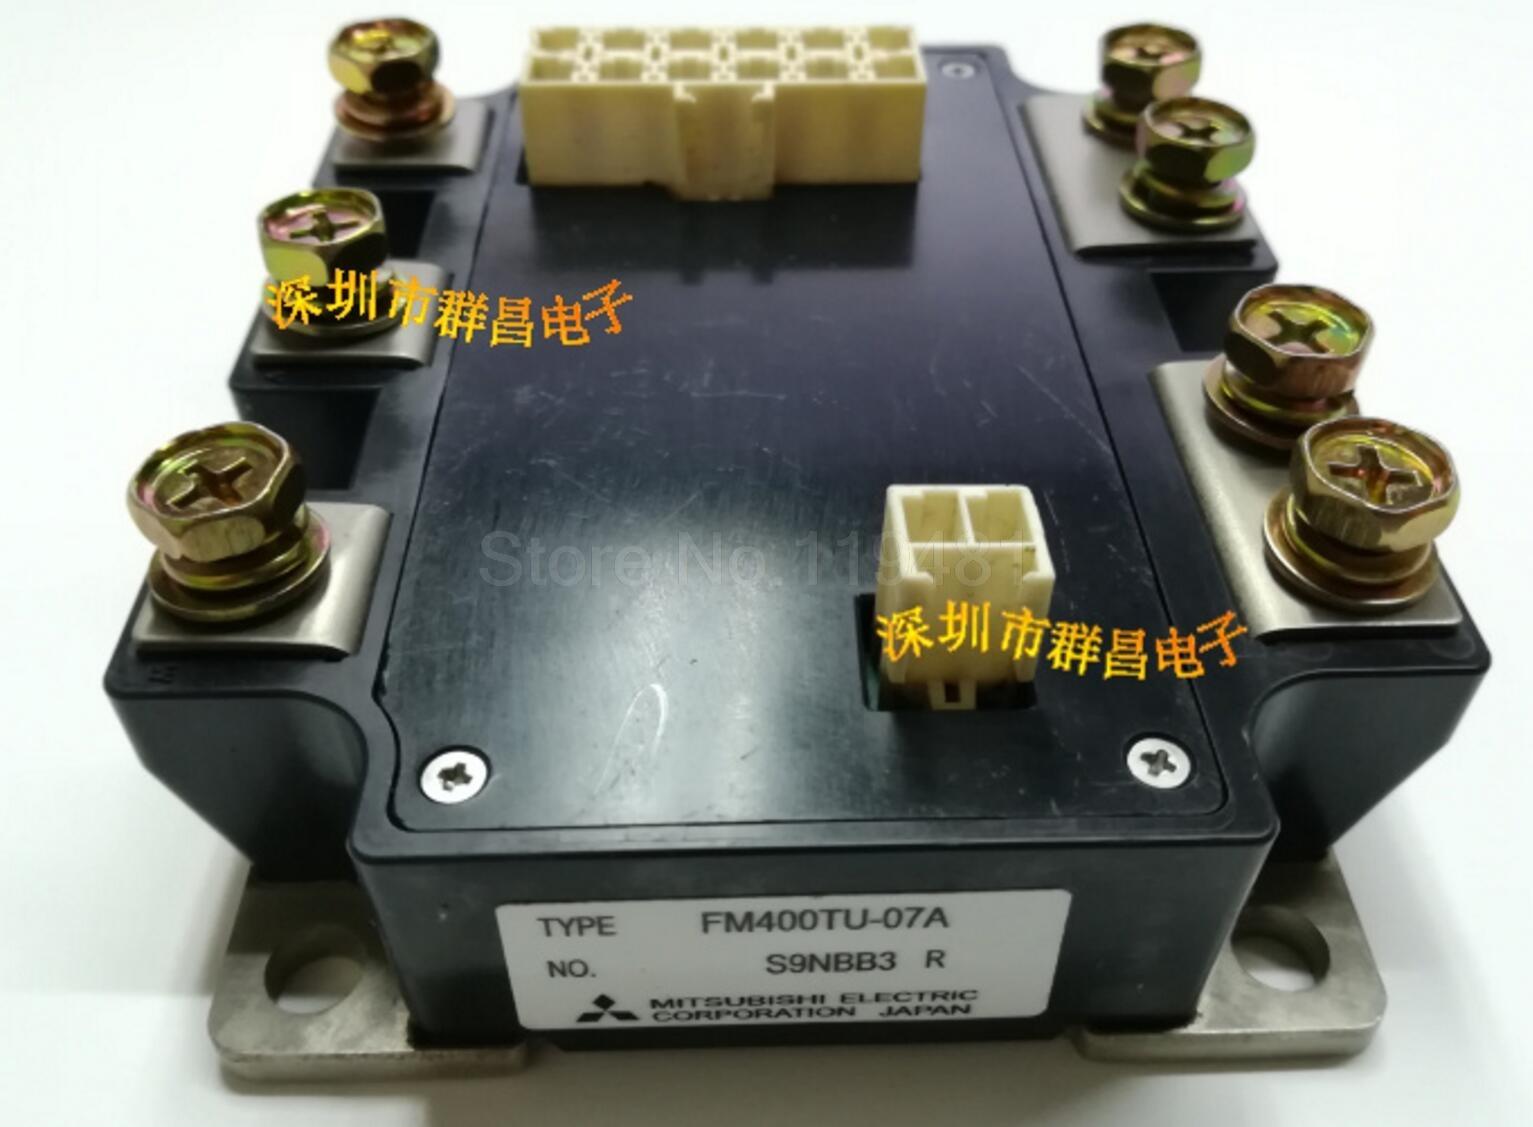 FM400TU 07A mosfet модуль с переключателями высокой мощности INSULATED посылка